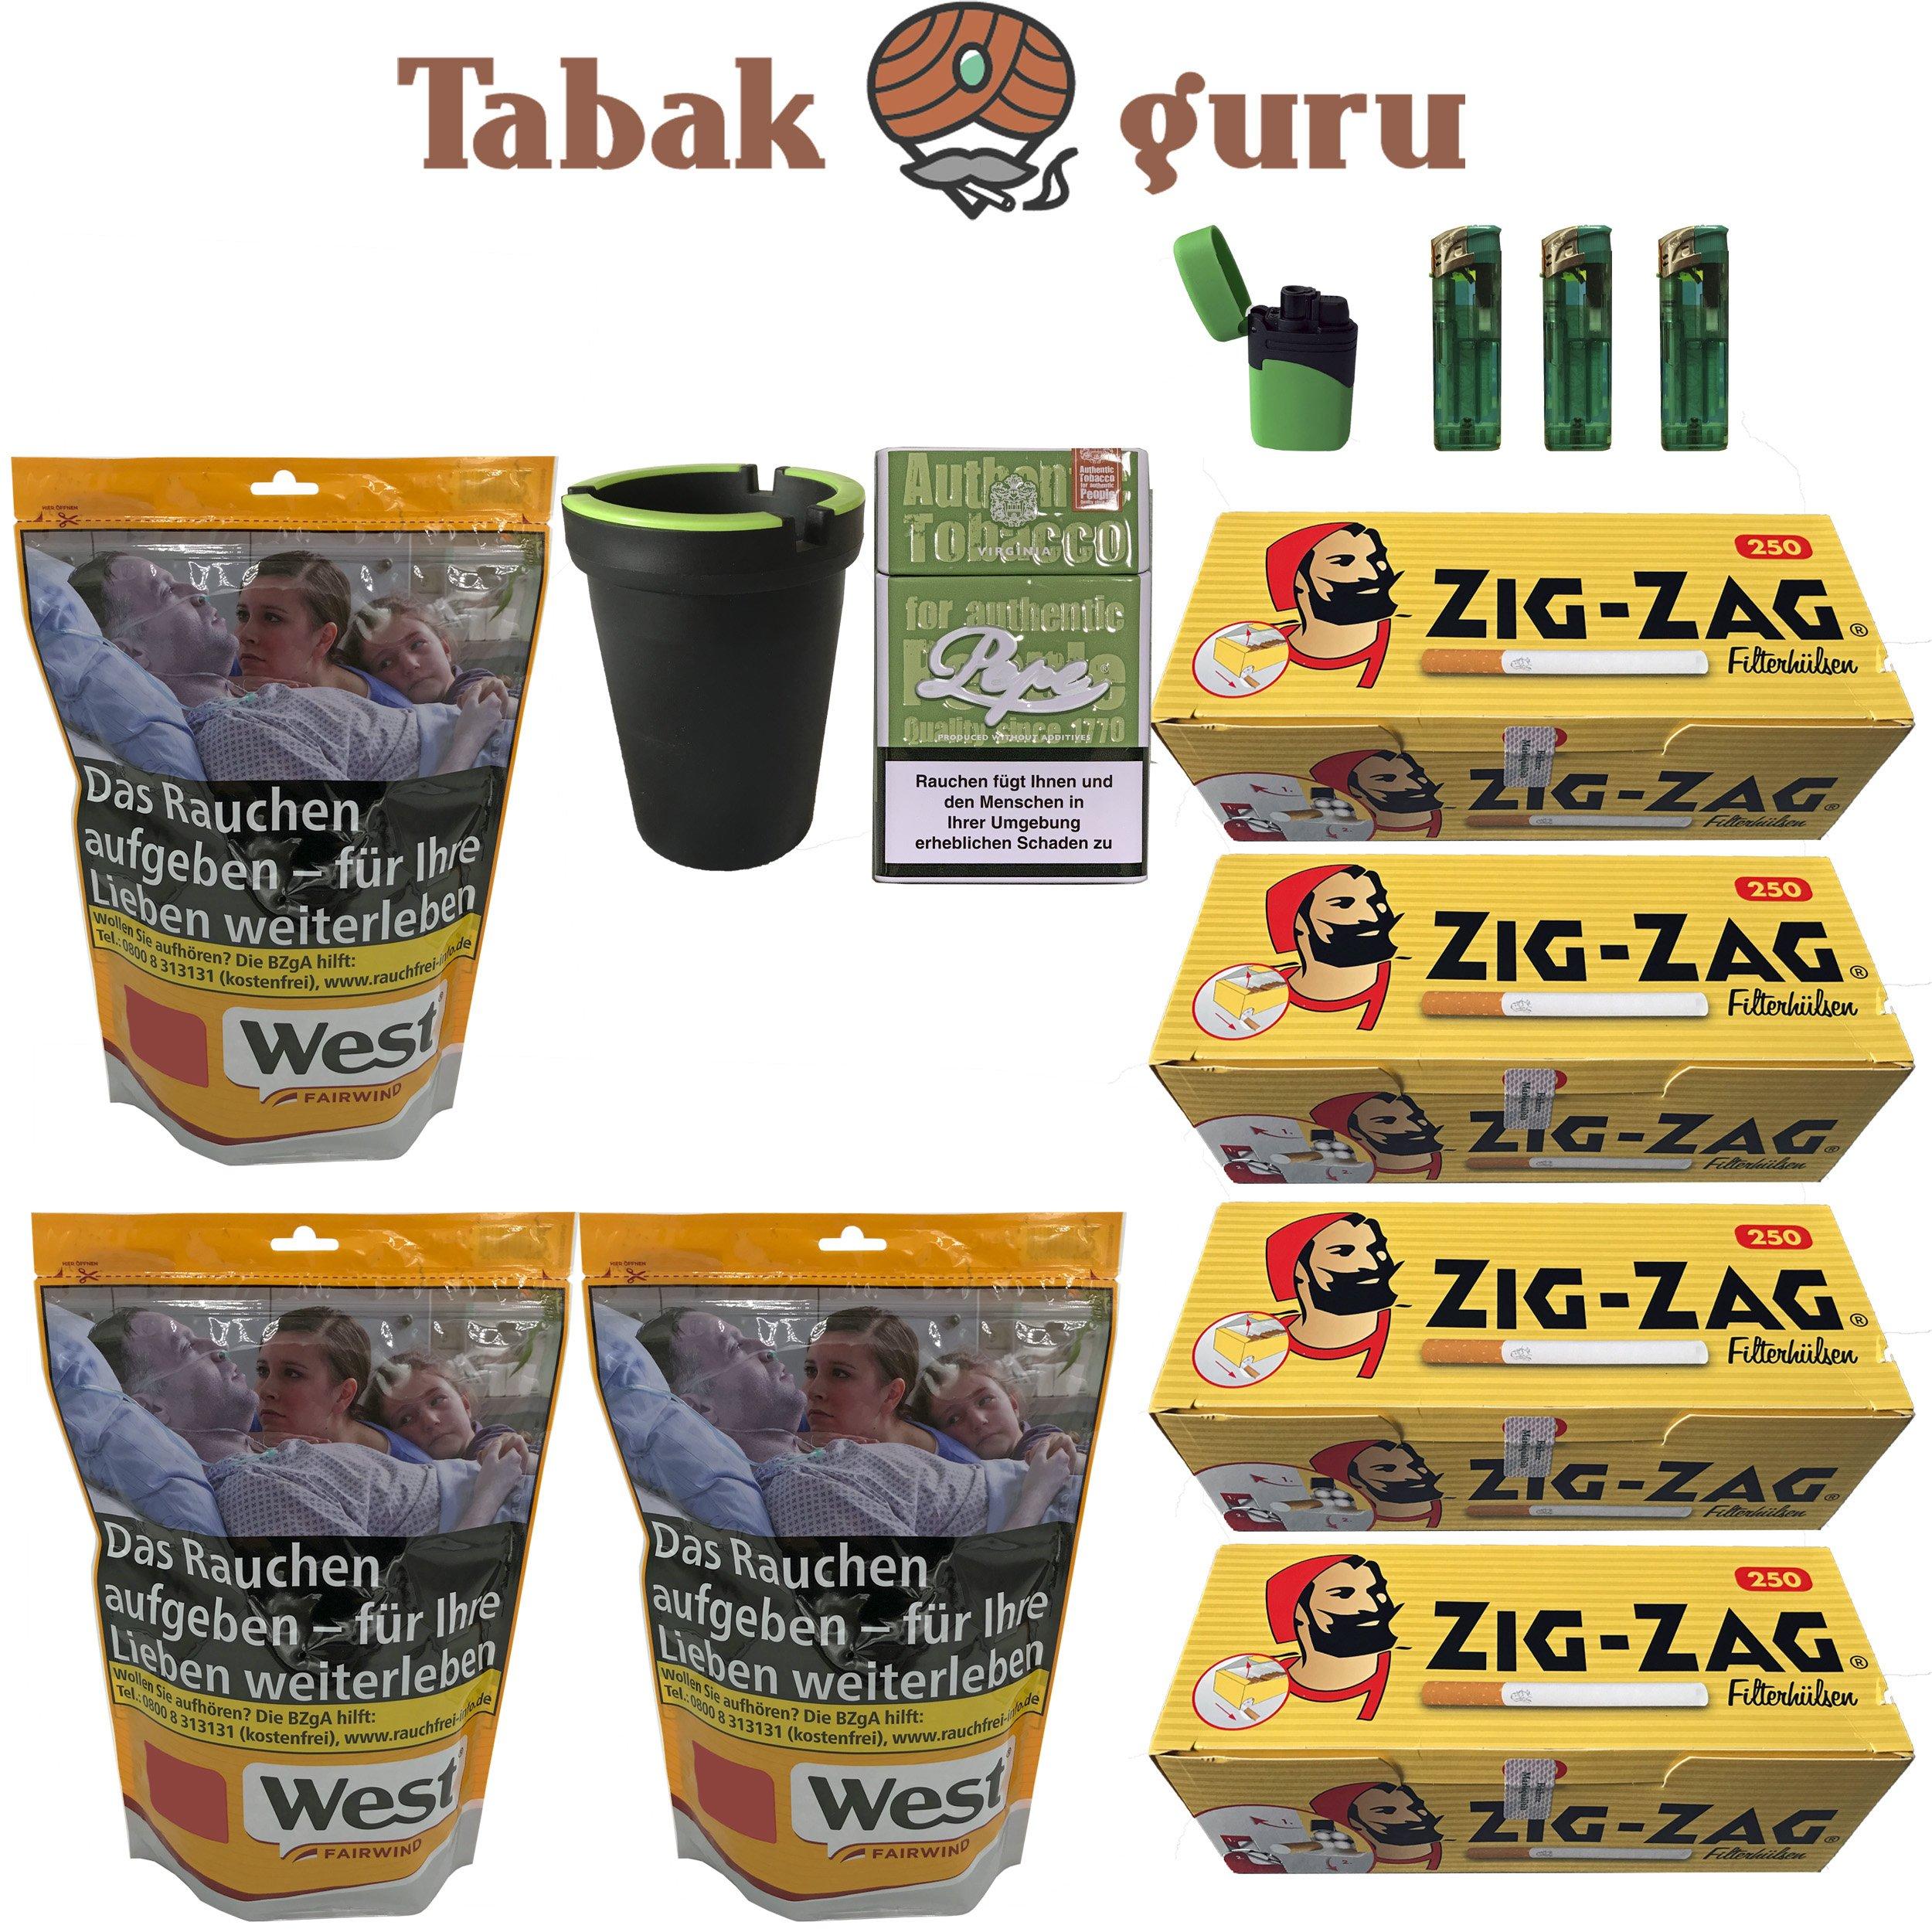 3x West Yellow 121g Tabak/Volumentabak Beutel, Zig Zag Hülsen, Feuerzeuge, Zubehör